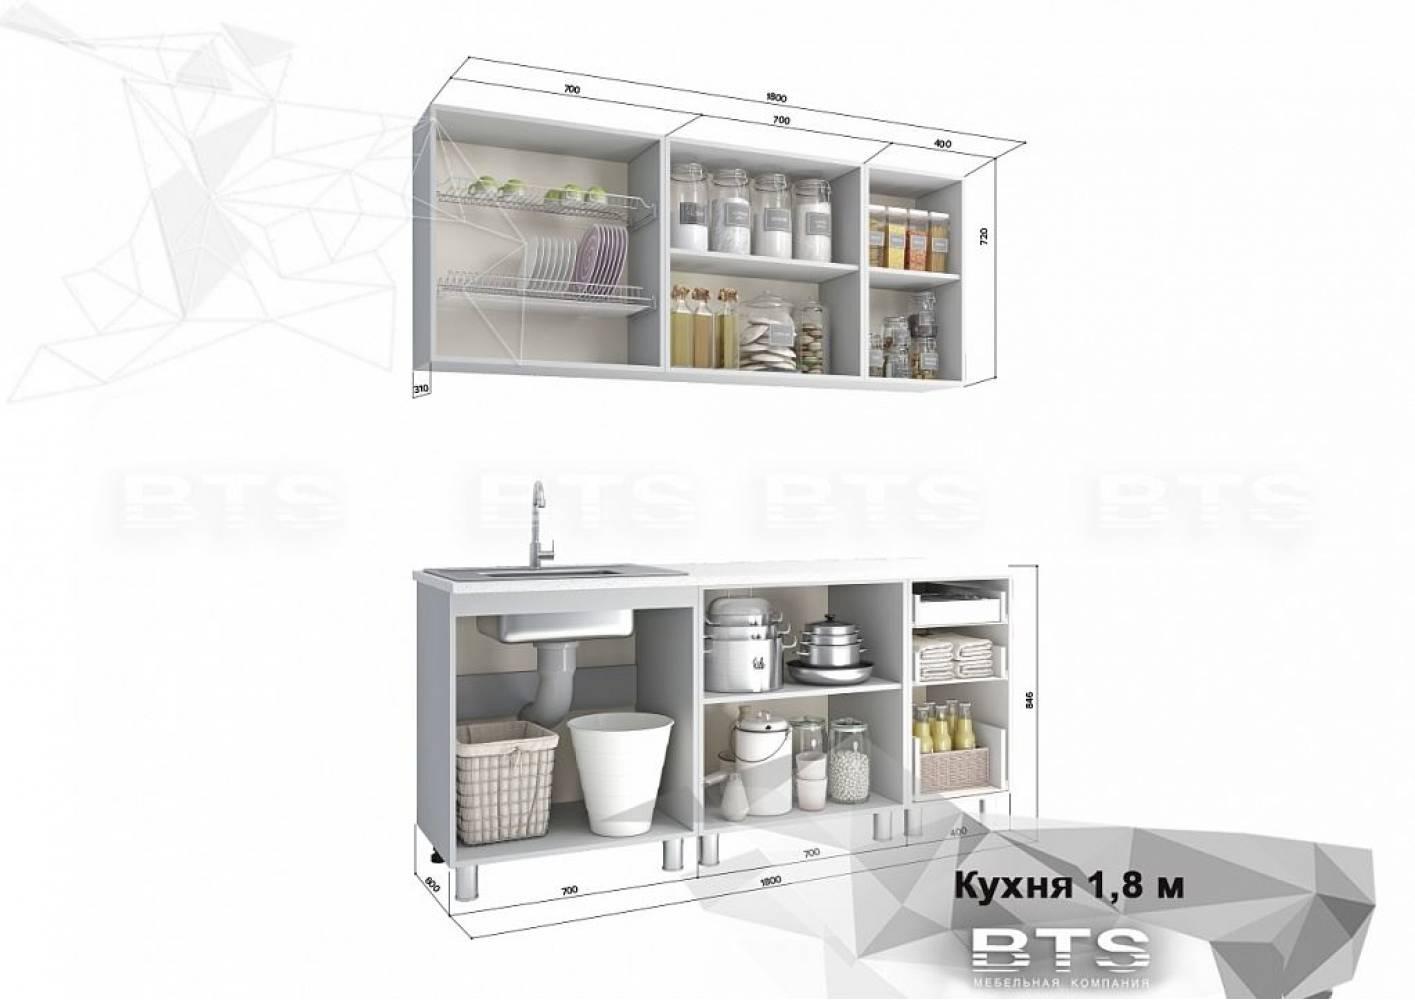 Кухня 1,8 м Яблоко